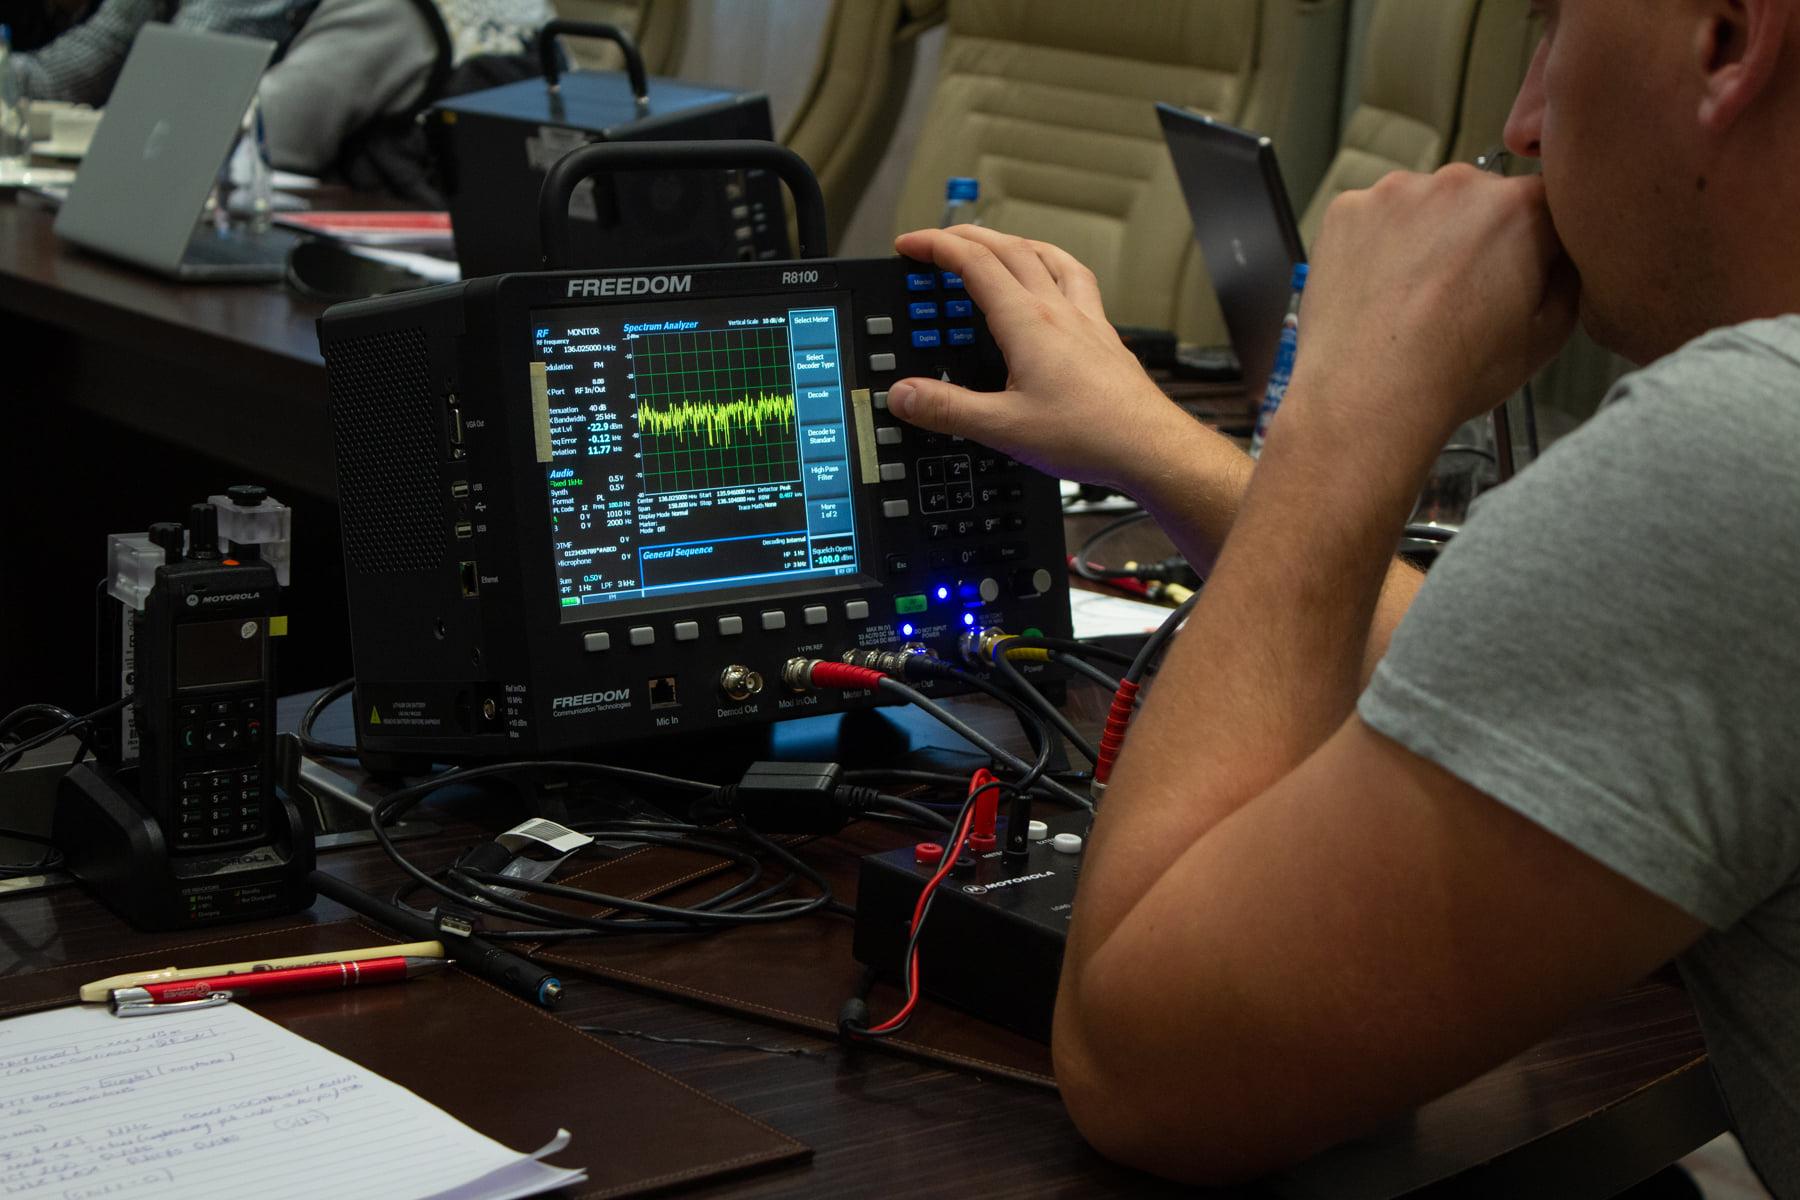 Freedom-R8100--szkolenie-testery-radiokomunikacyjne-Digimes-Policja-Komenda-Glowna